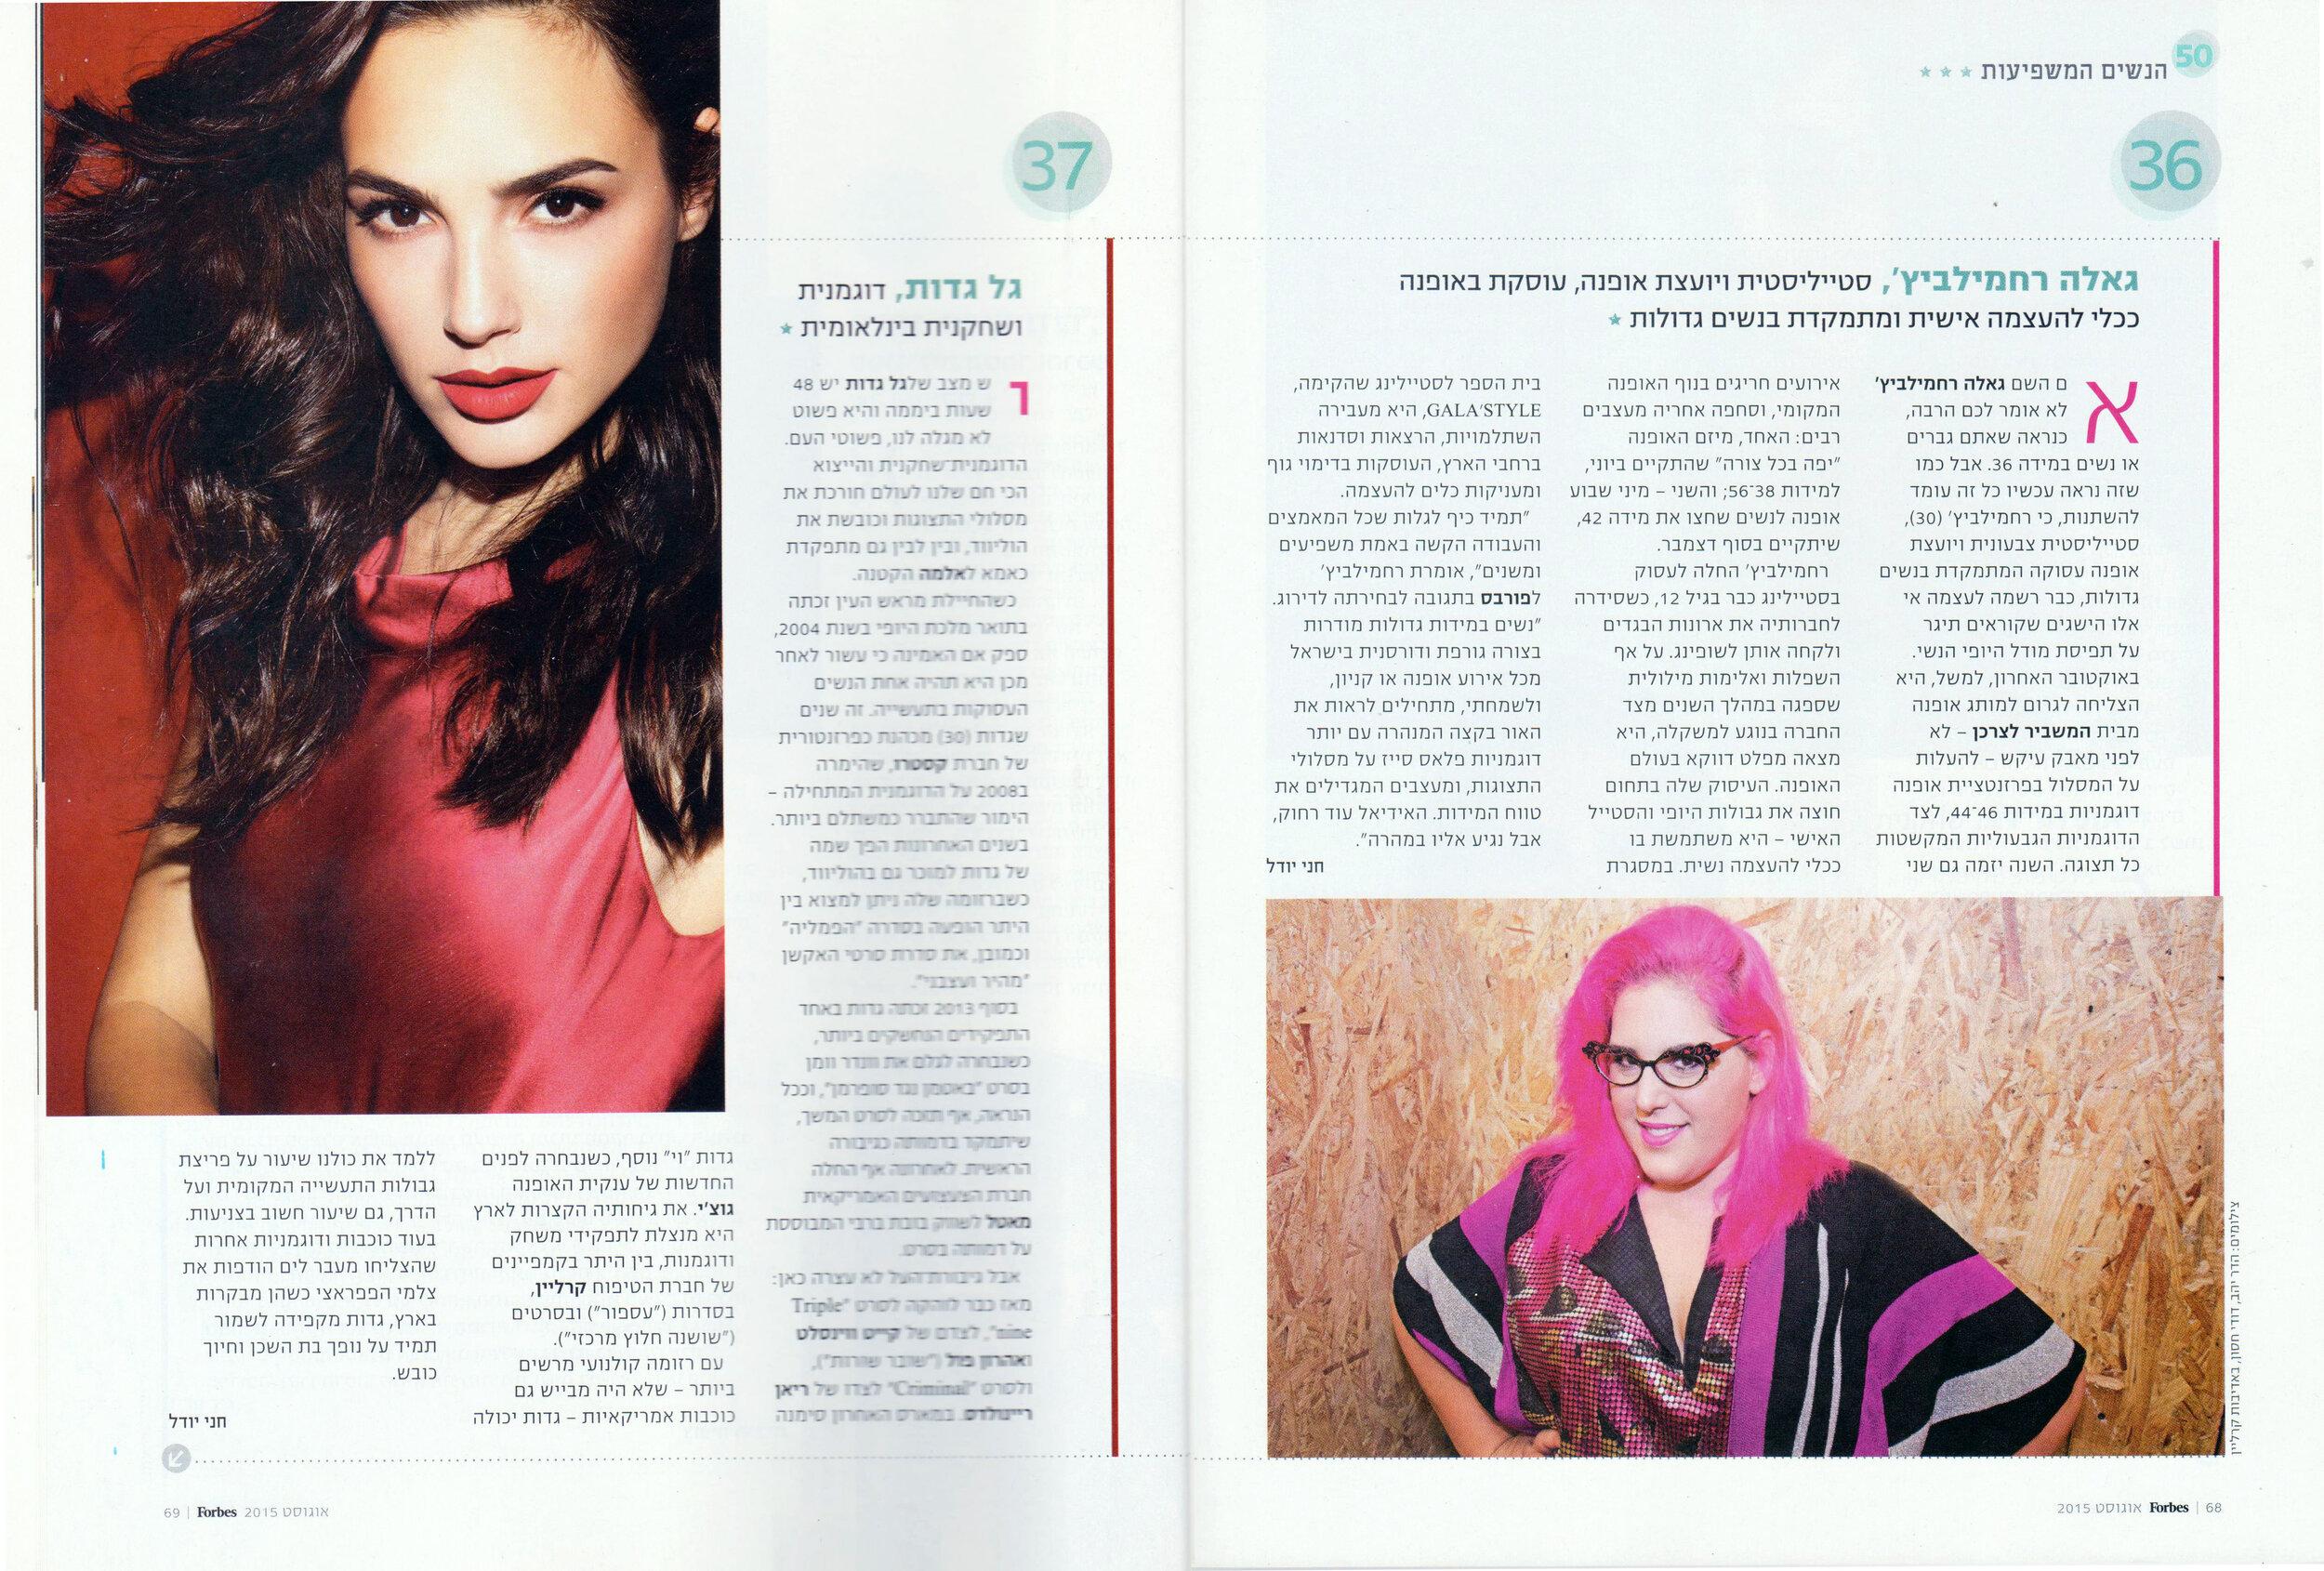 50 הנשים המשפיעות בישראל של פורבס גאלה רחמילביץ וגל גדות.jpg